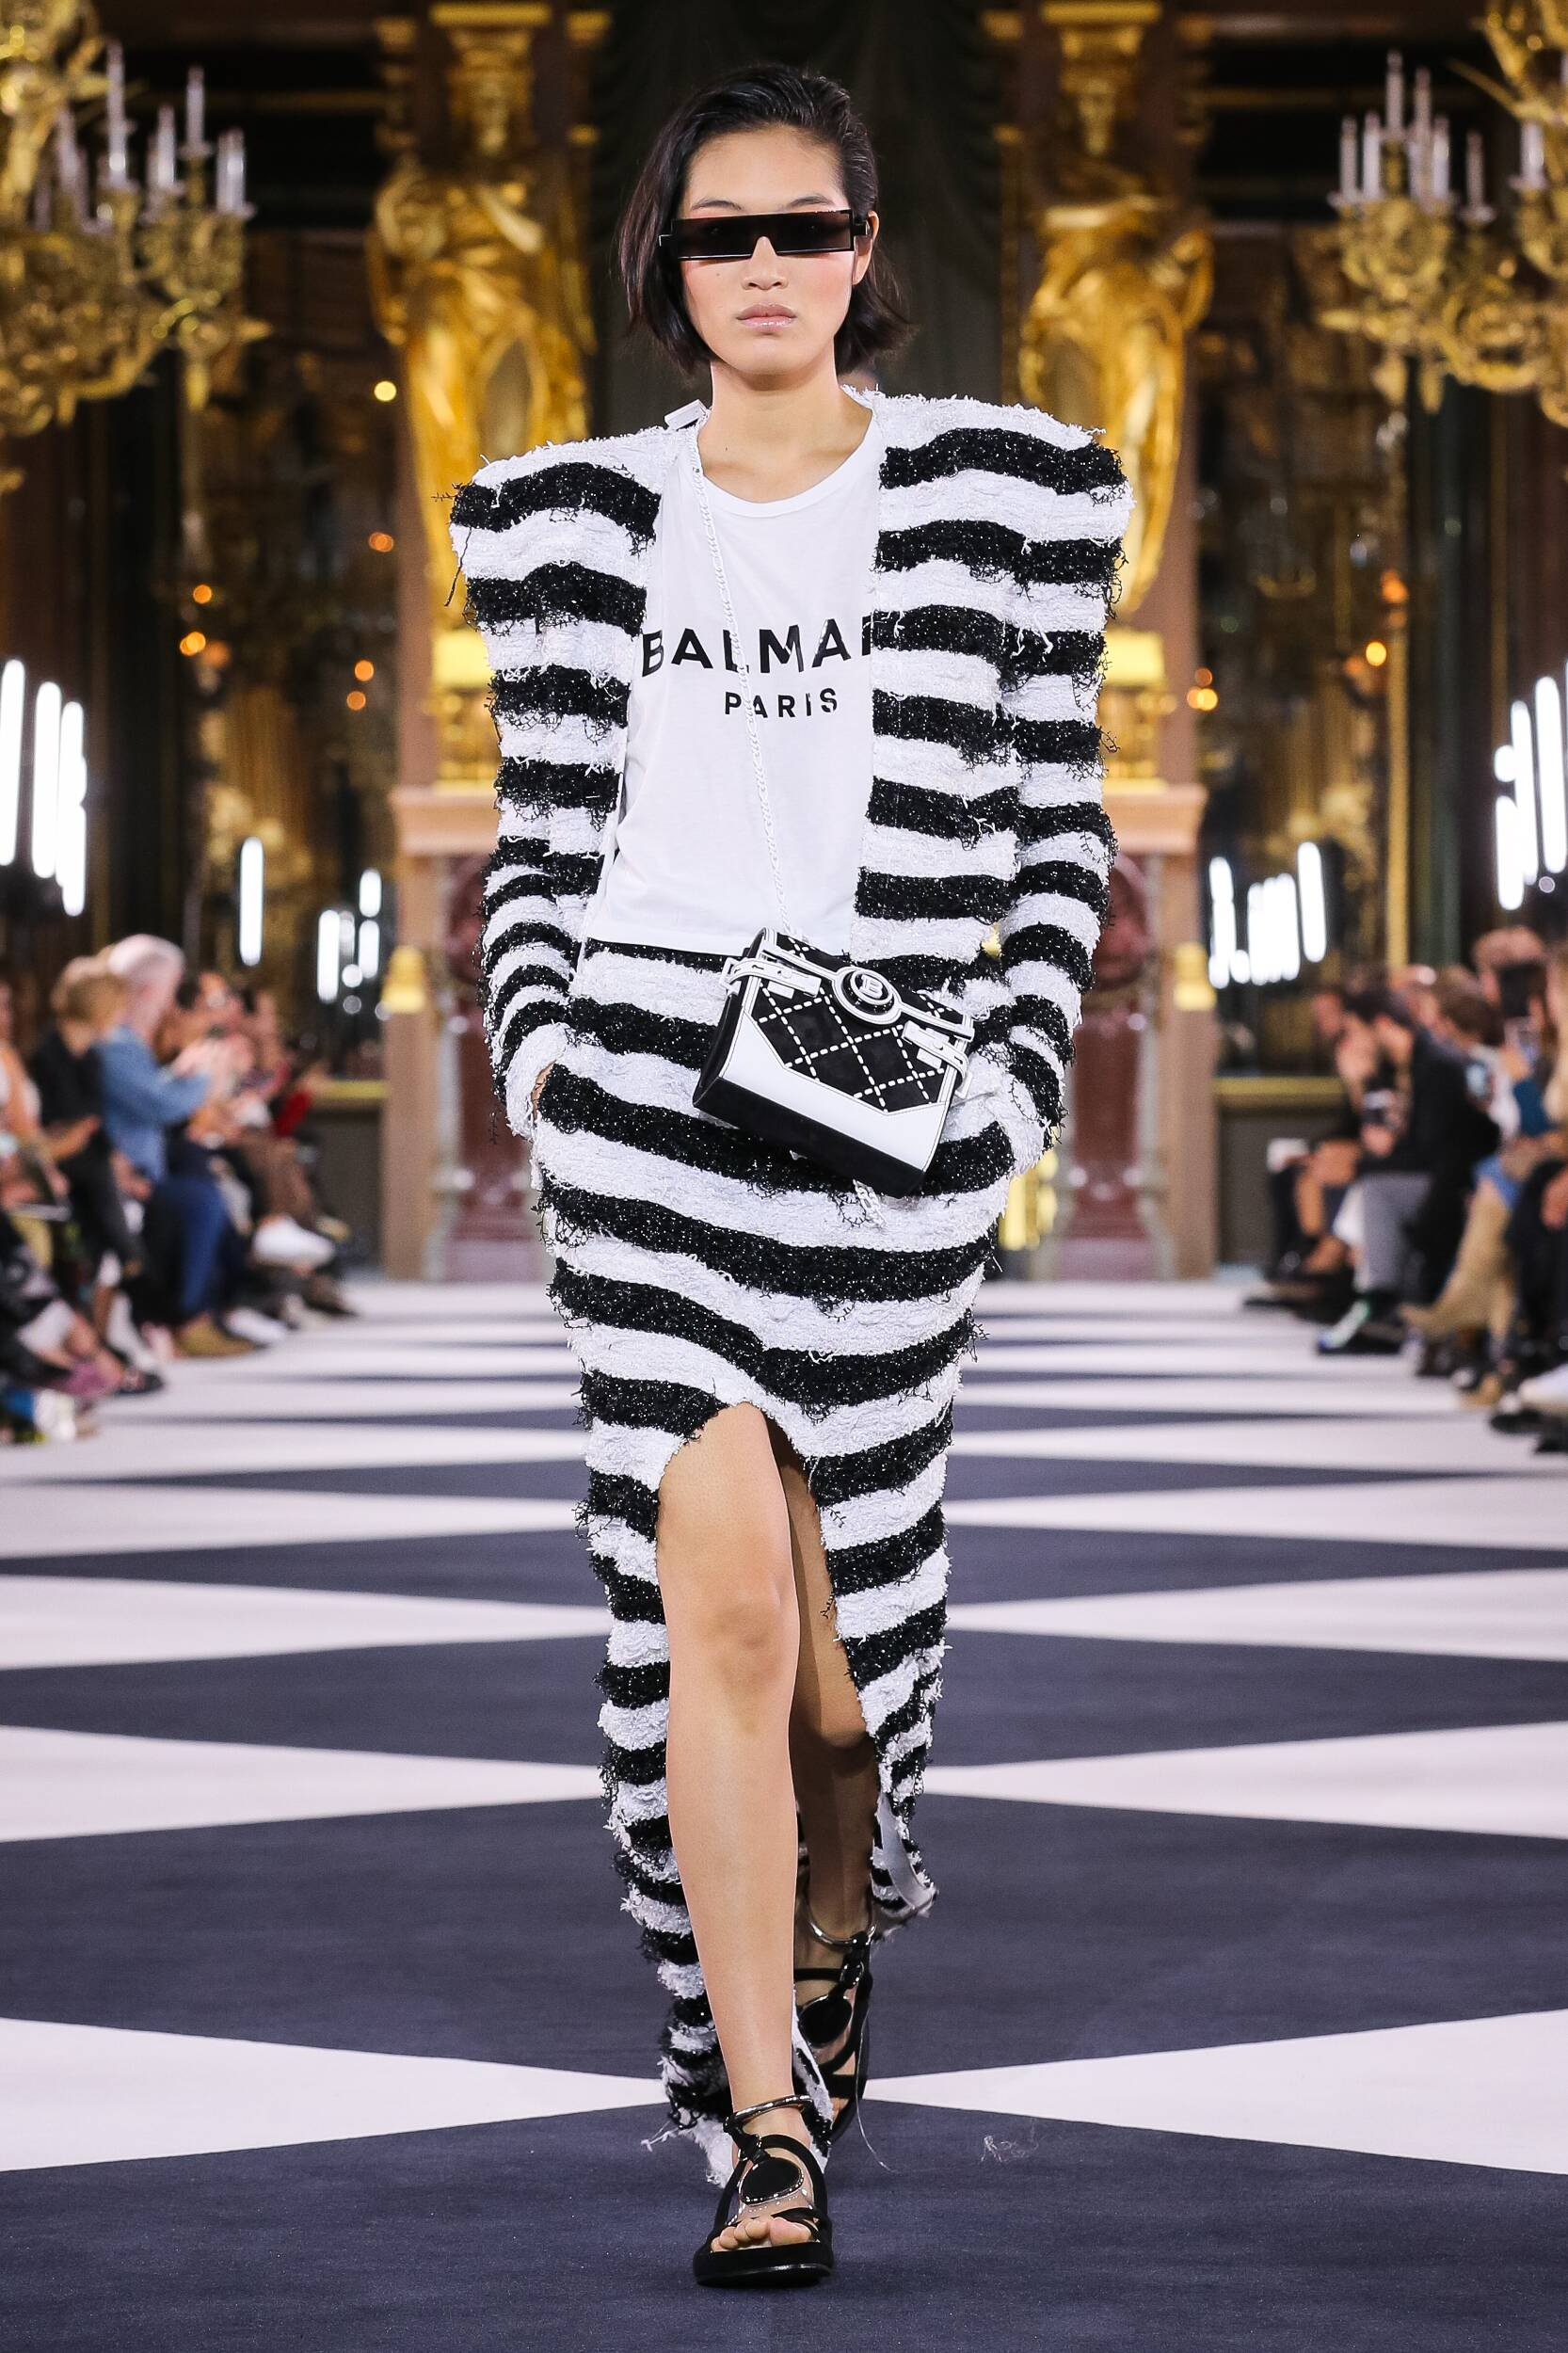 Catwalk Balmain Woman Fashion Show Summer 2020